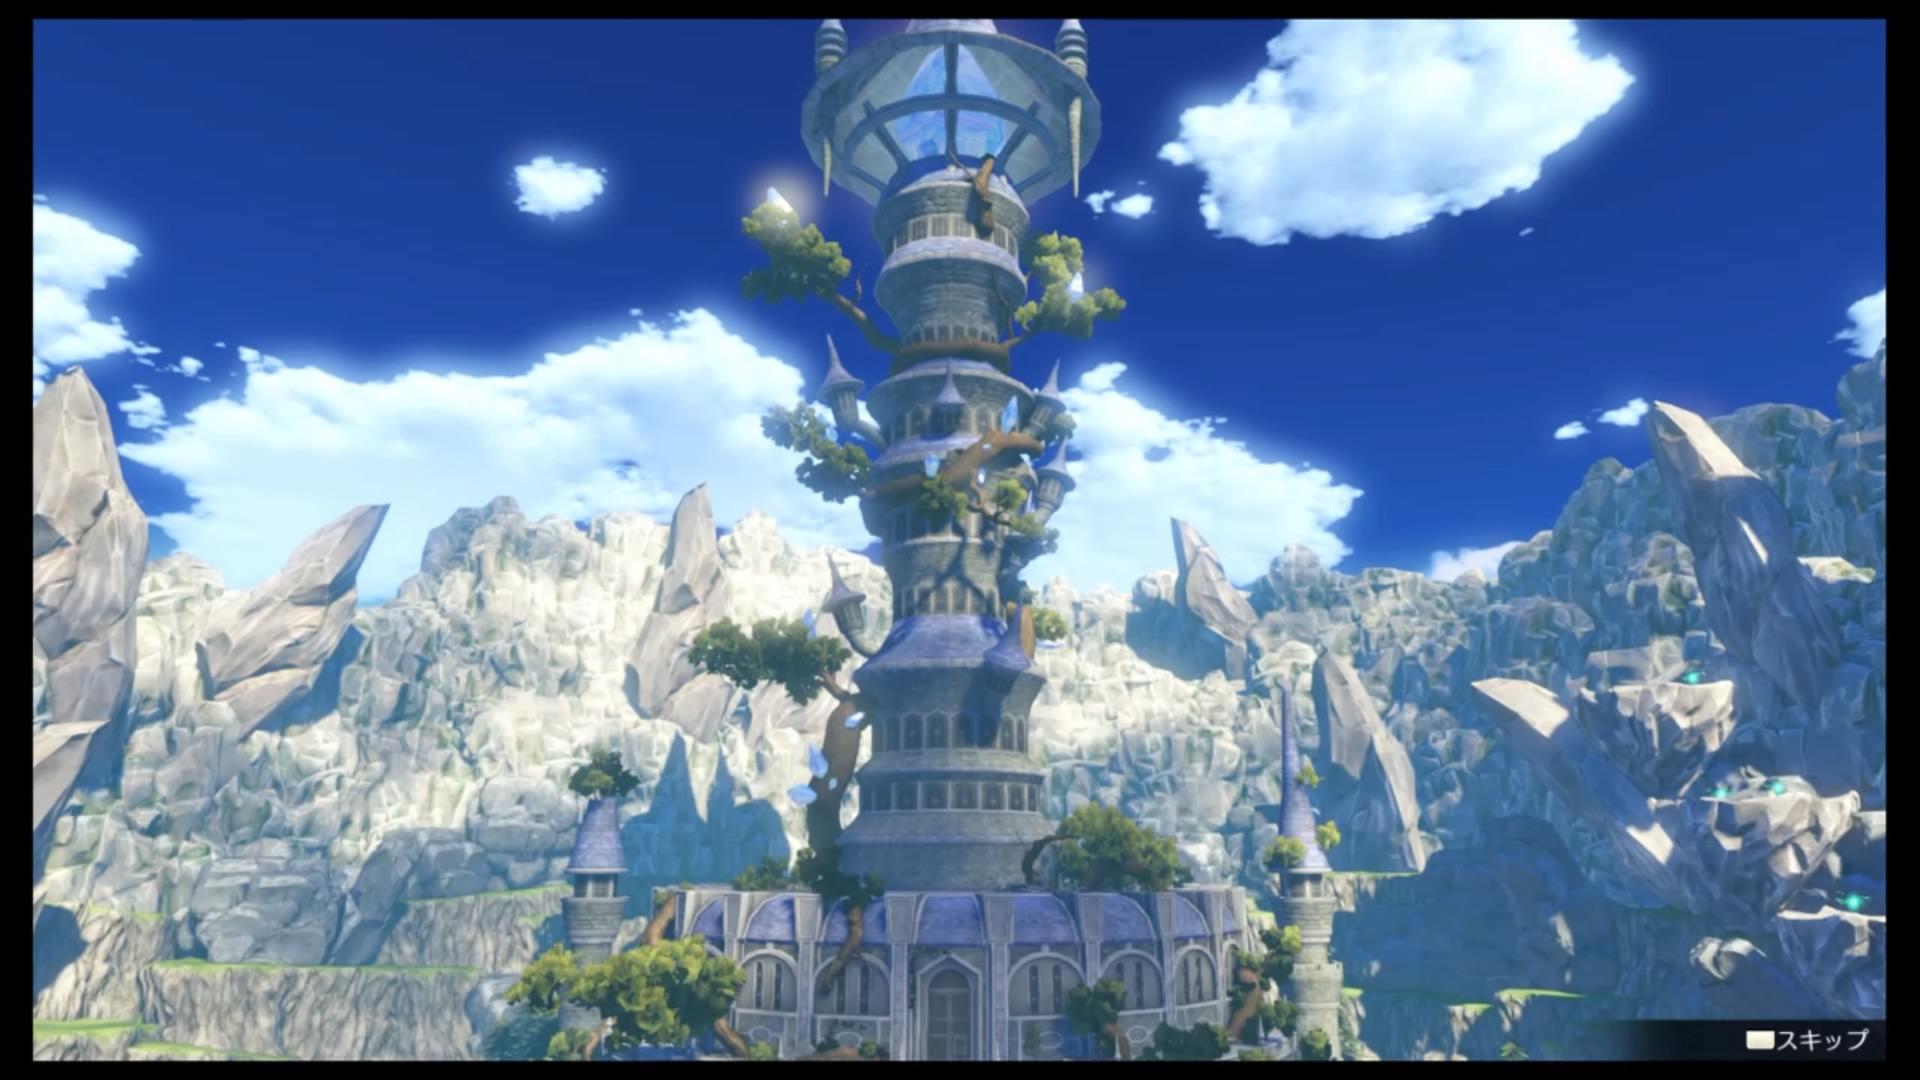 【ライザのアトリエ】第32回攻略・感想:竜の召喚再び!そしてついに塔へ…!